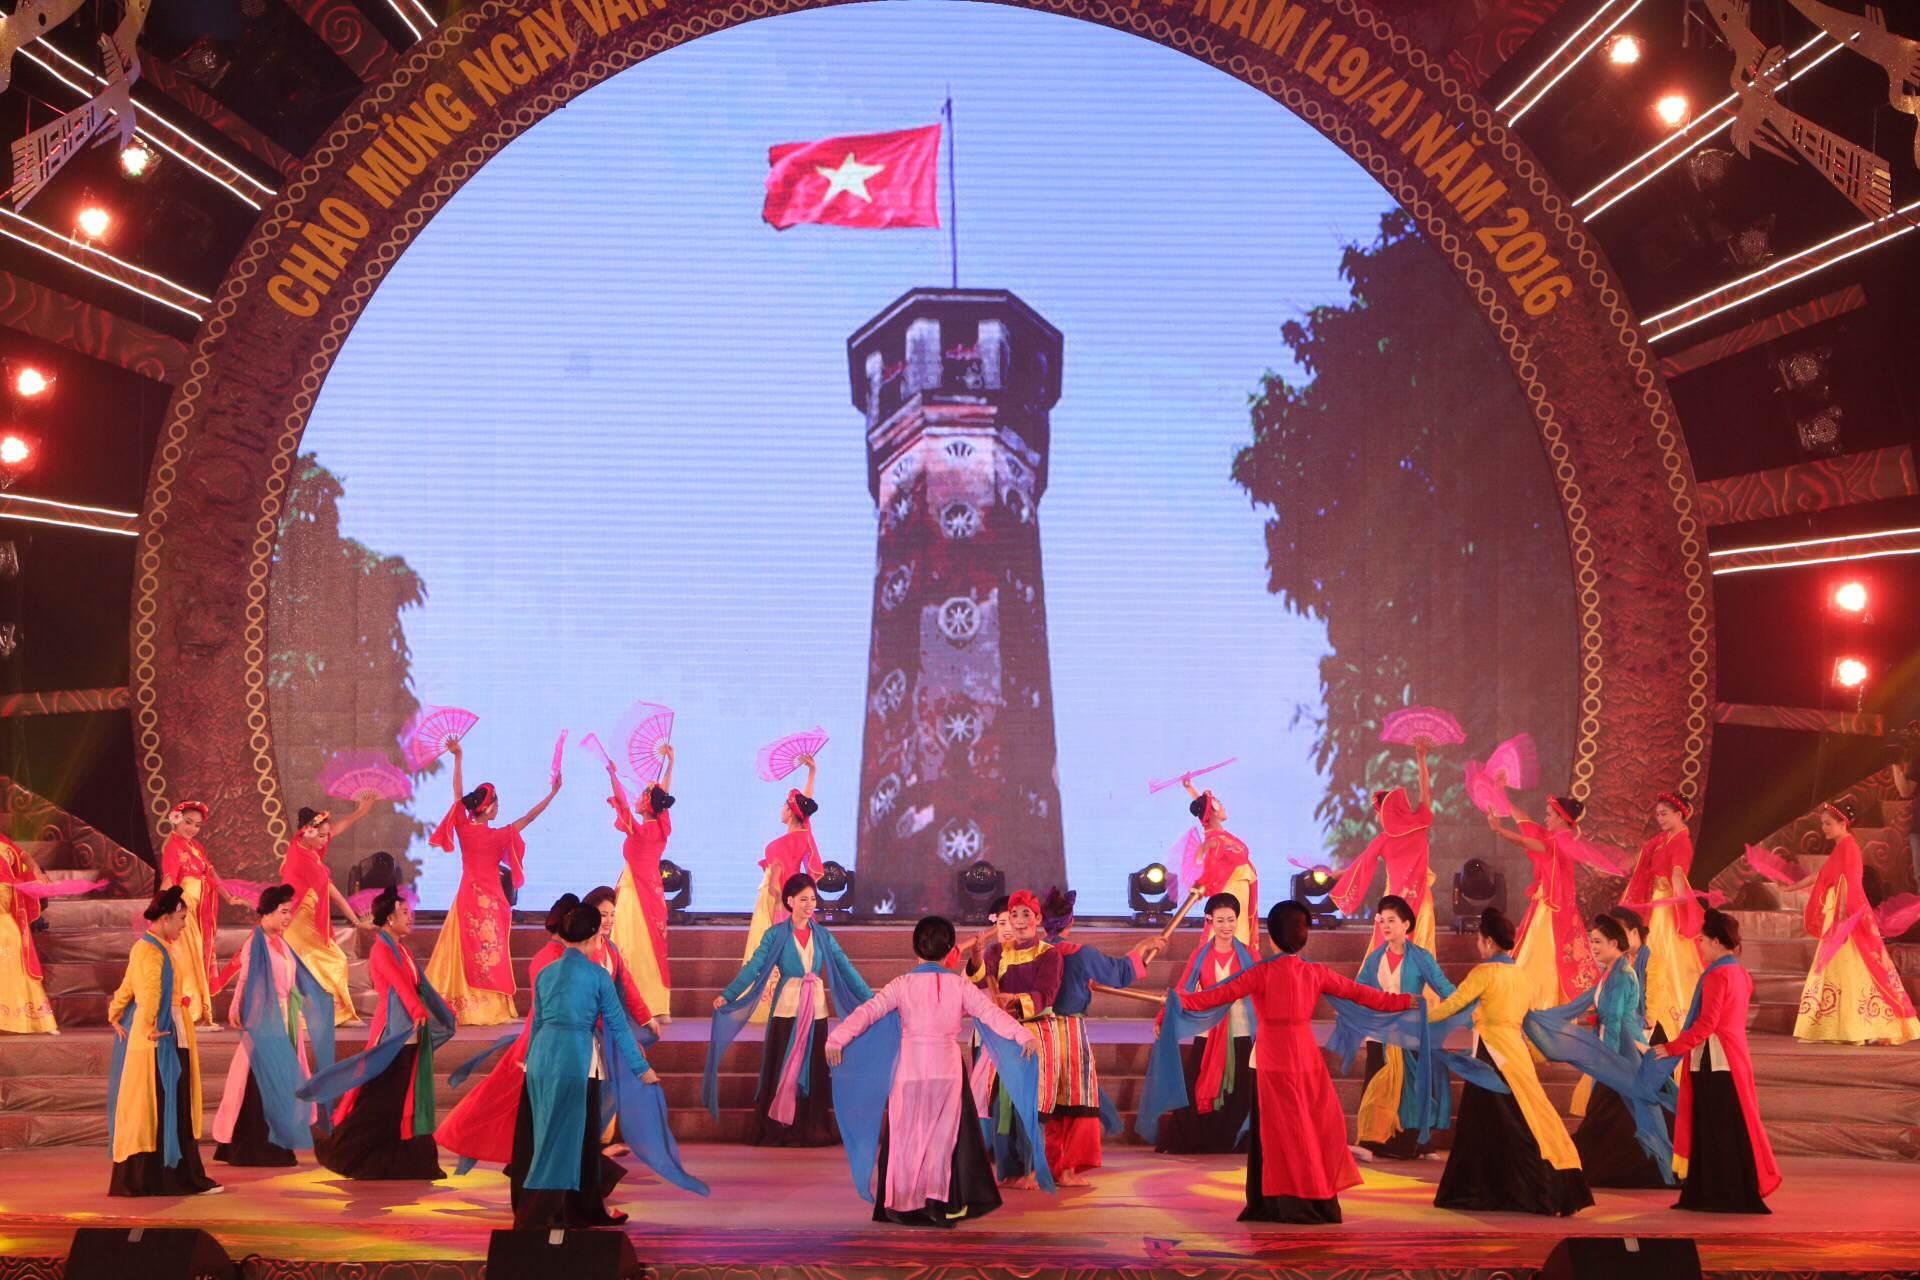 Các tiết mục văn nghệ góp mặt trong đêm khai mạc Ngày Văn hóa các dân tộc Việt Nam đều mang đậm bản sắc của 54 dân tộc anh em.